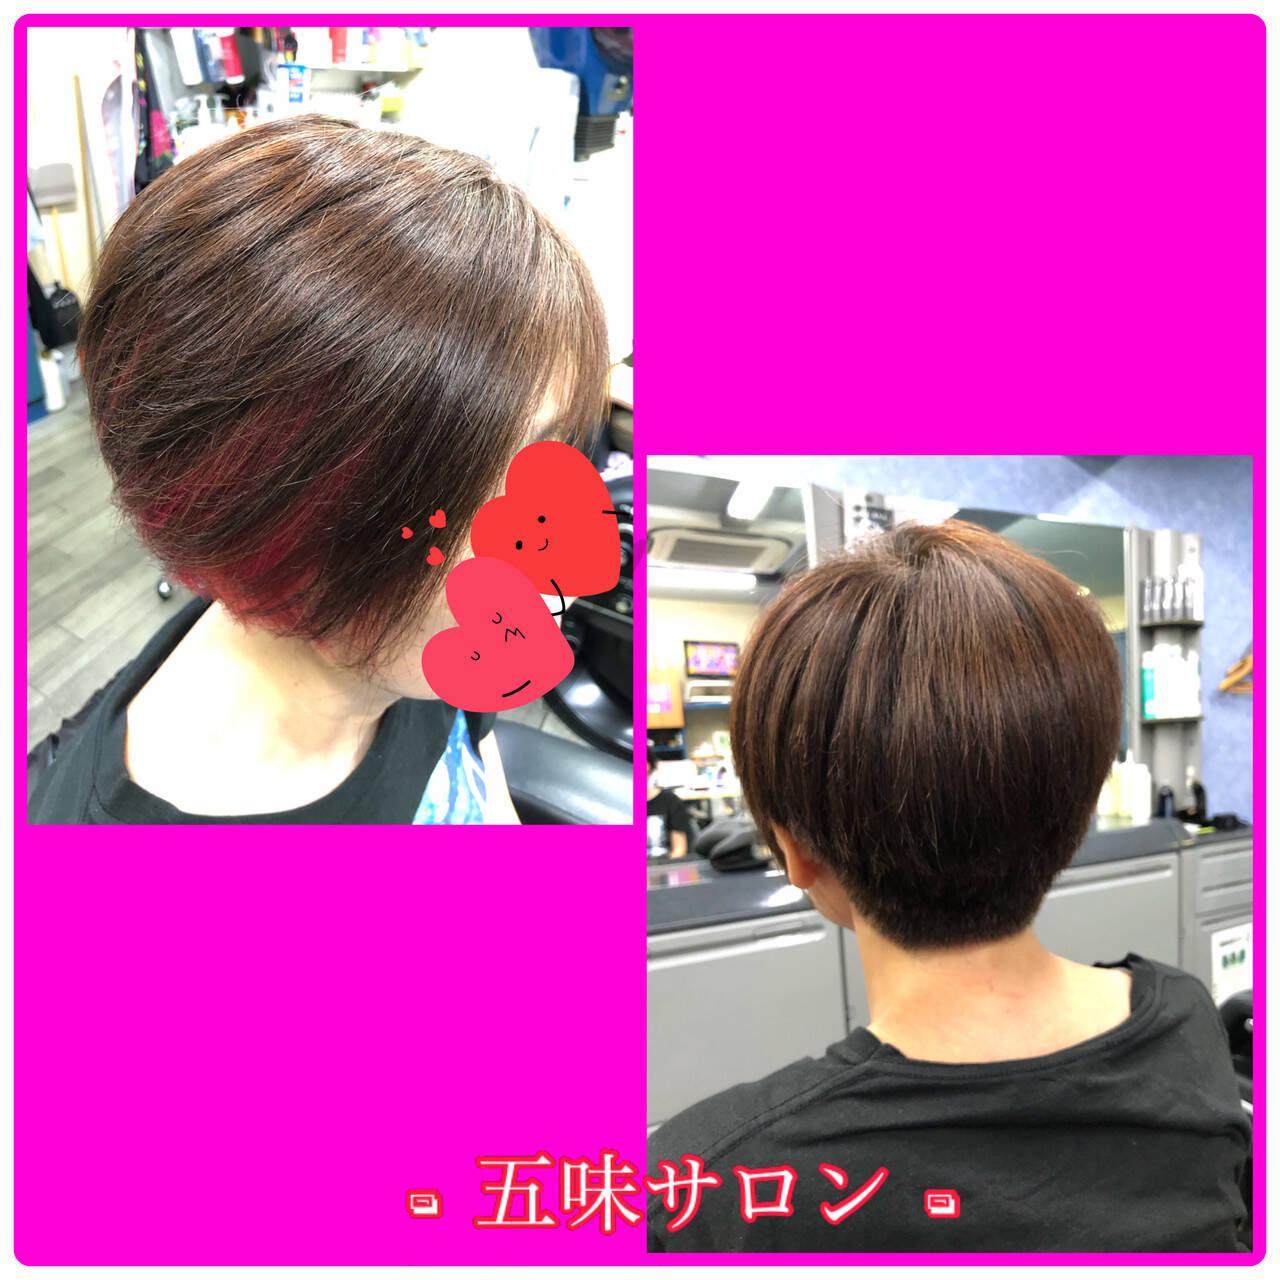 インナーカラー ナチュラル ショートヘア イヤリングカラーピンクヘアスタイルや髪型の写真・画像